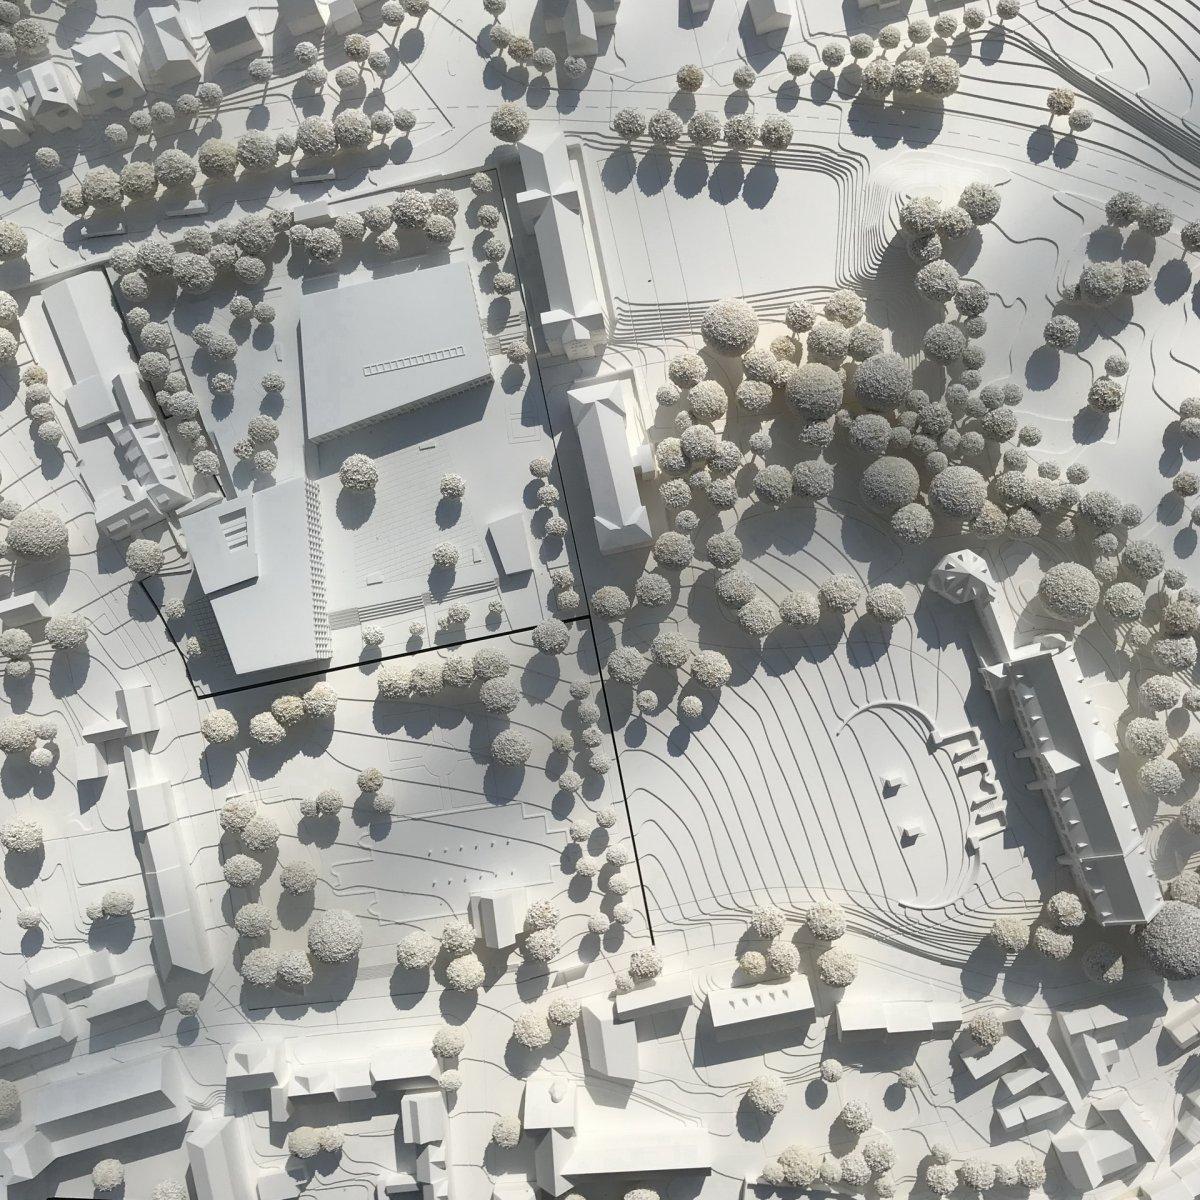 Bez + Kock Architekten, Stuttgart mit ST raum a. landschaftsarchitektur, Berlin